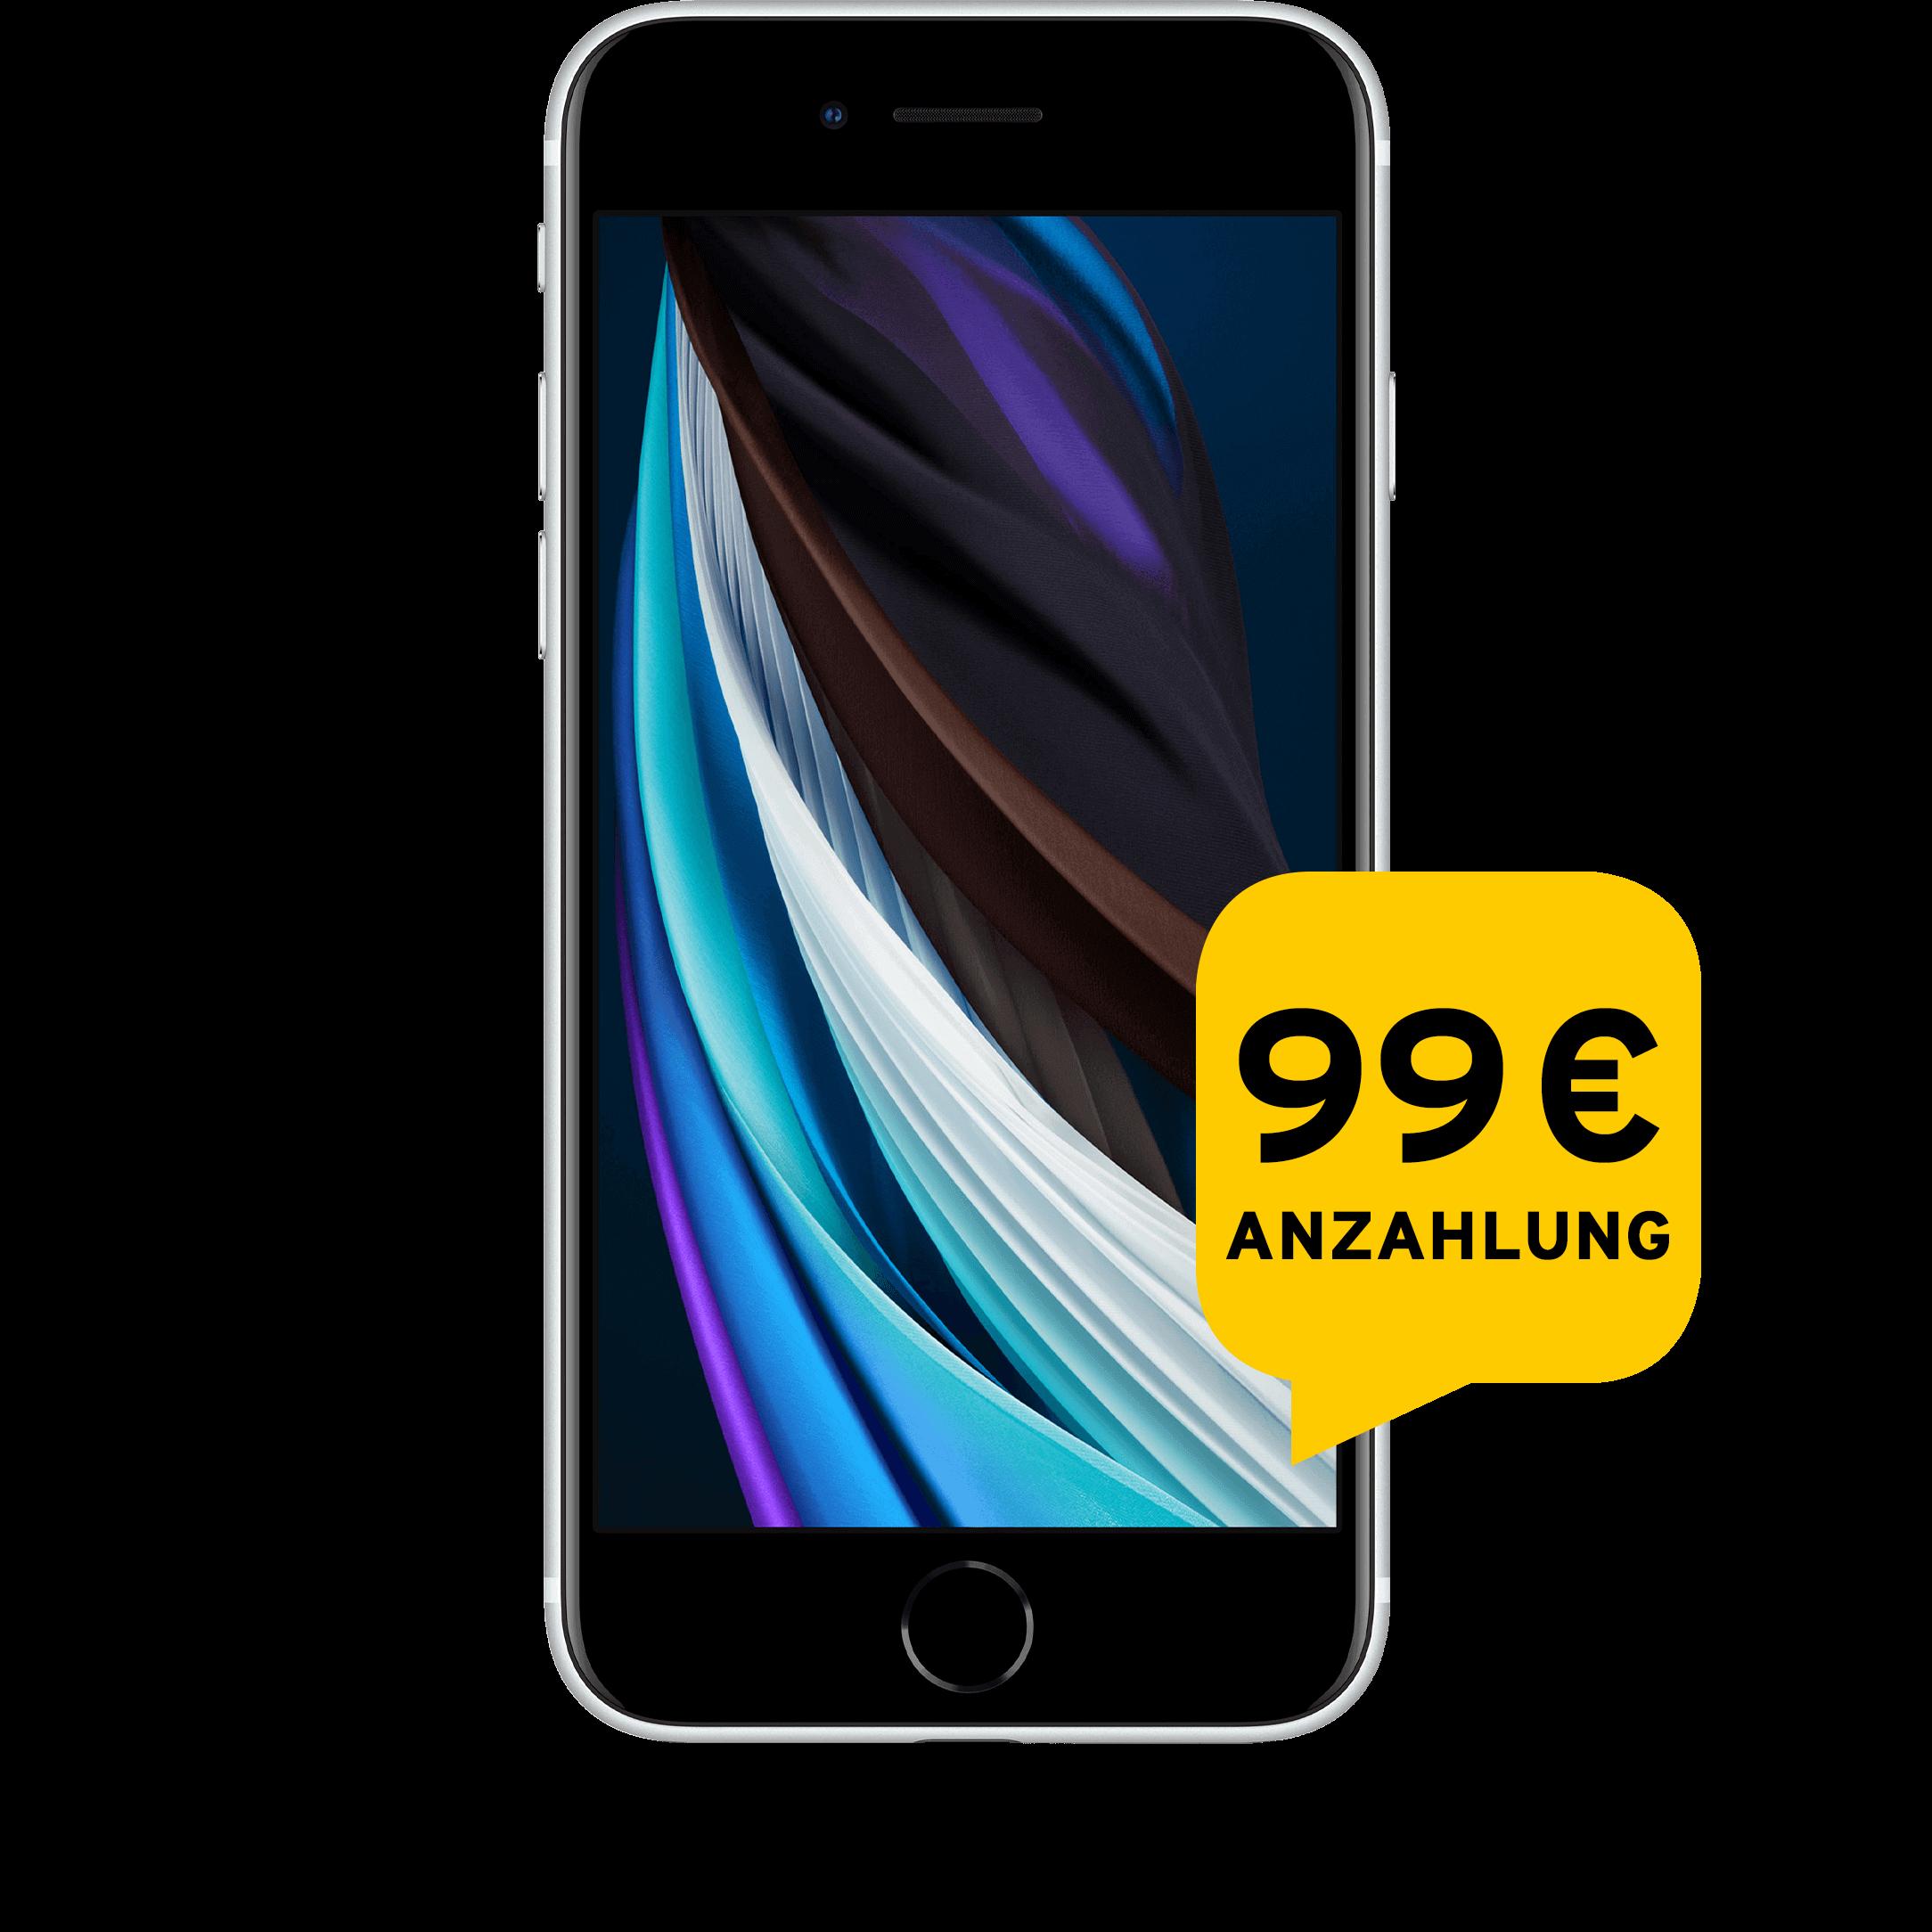 Günstig Kaufen beim Preisvergleich-Apple iPhone SE 2020 256 GB weiß Aktion mit Allnet Flat Plus